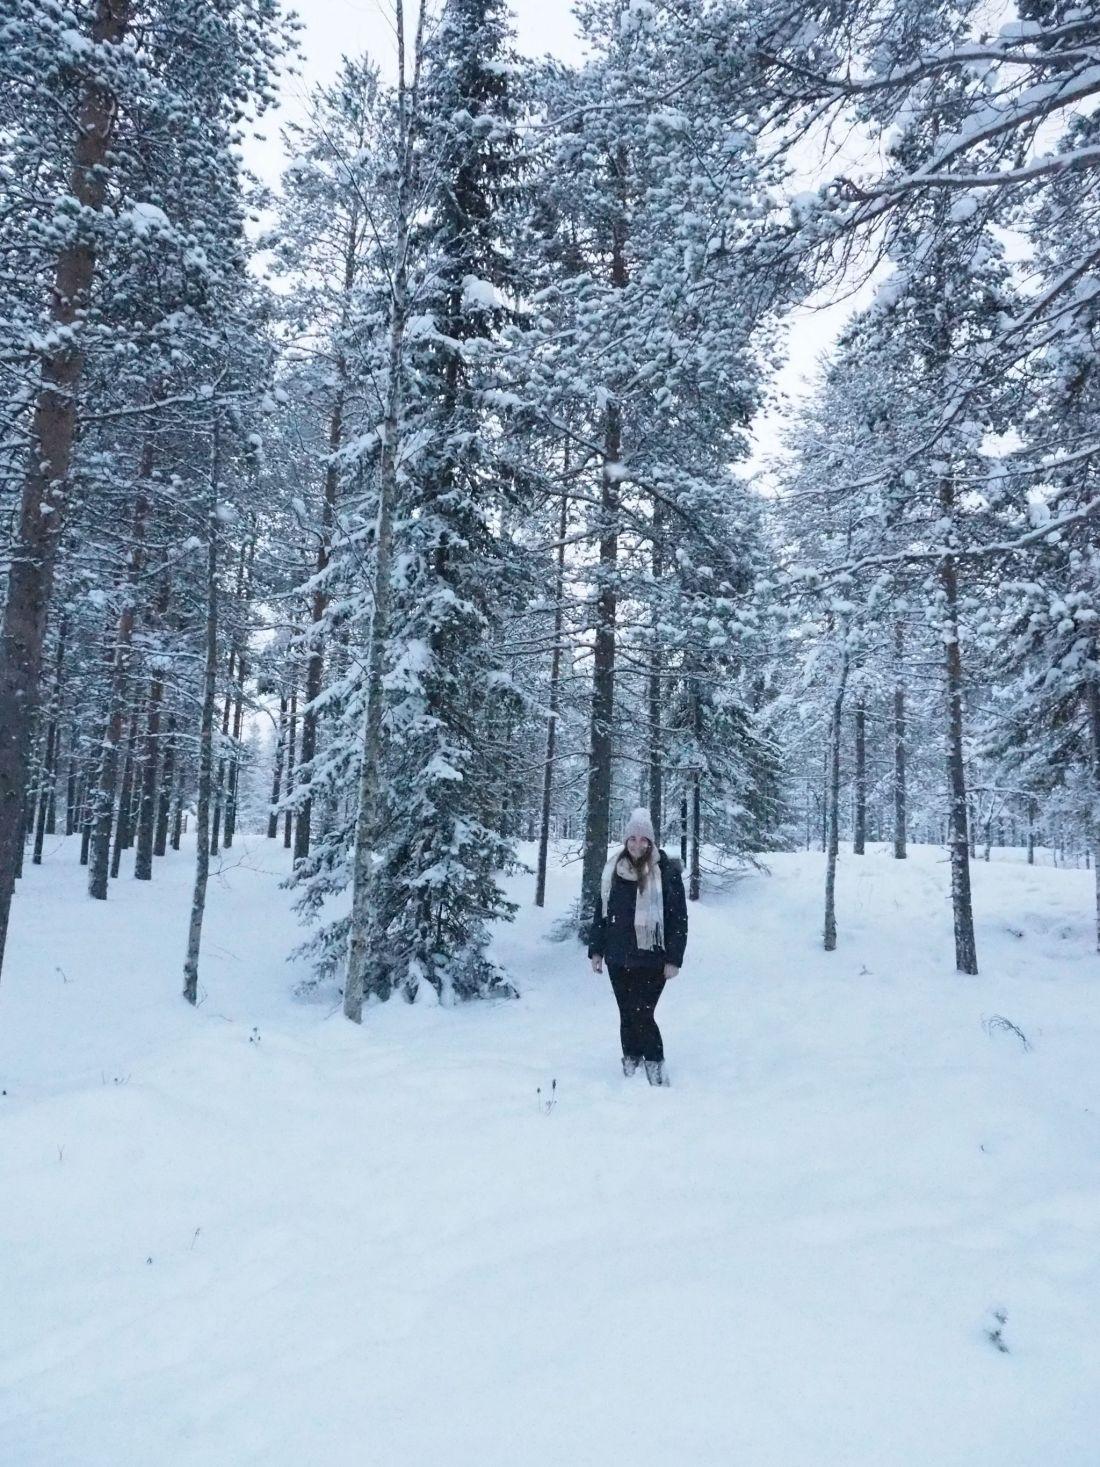 Simone in forest at Santa Claus Village Rovaniemi